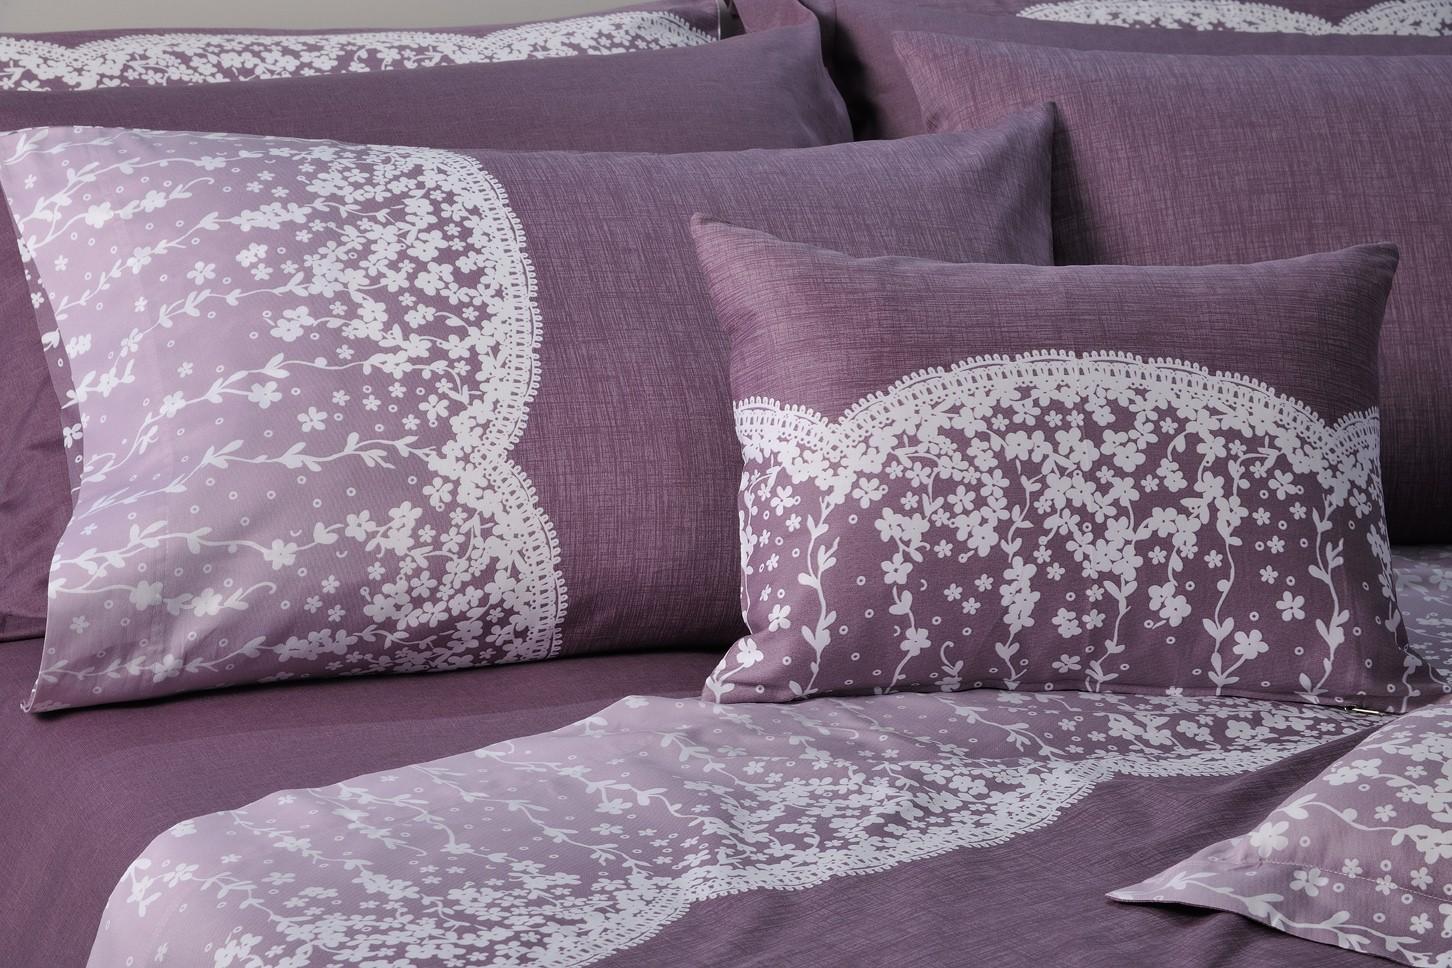 Ζεύγος Μαξιλαροθήκες Oxford Down Town Lace Purple S 622